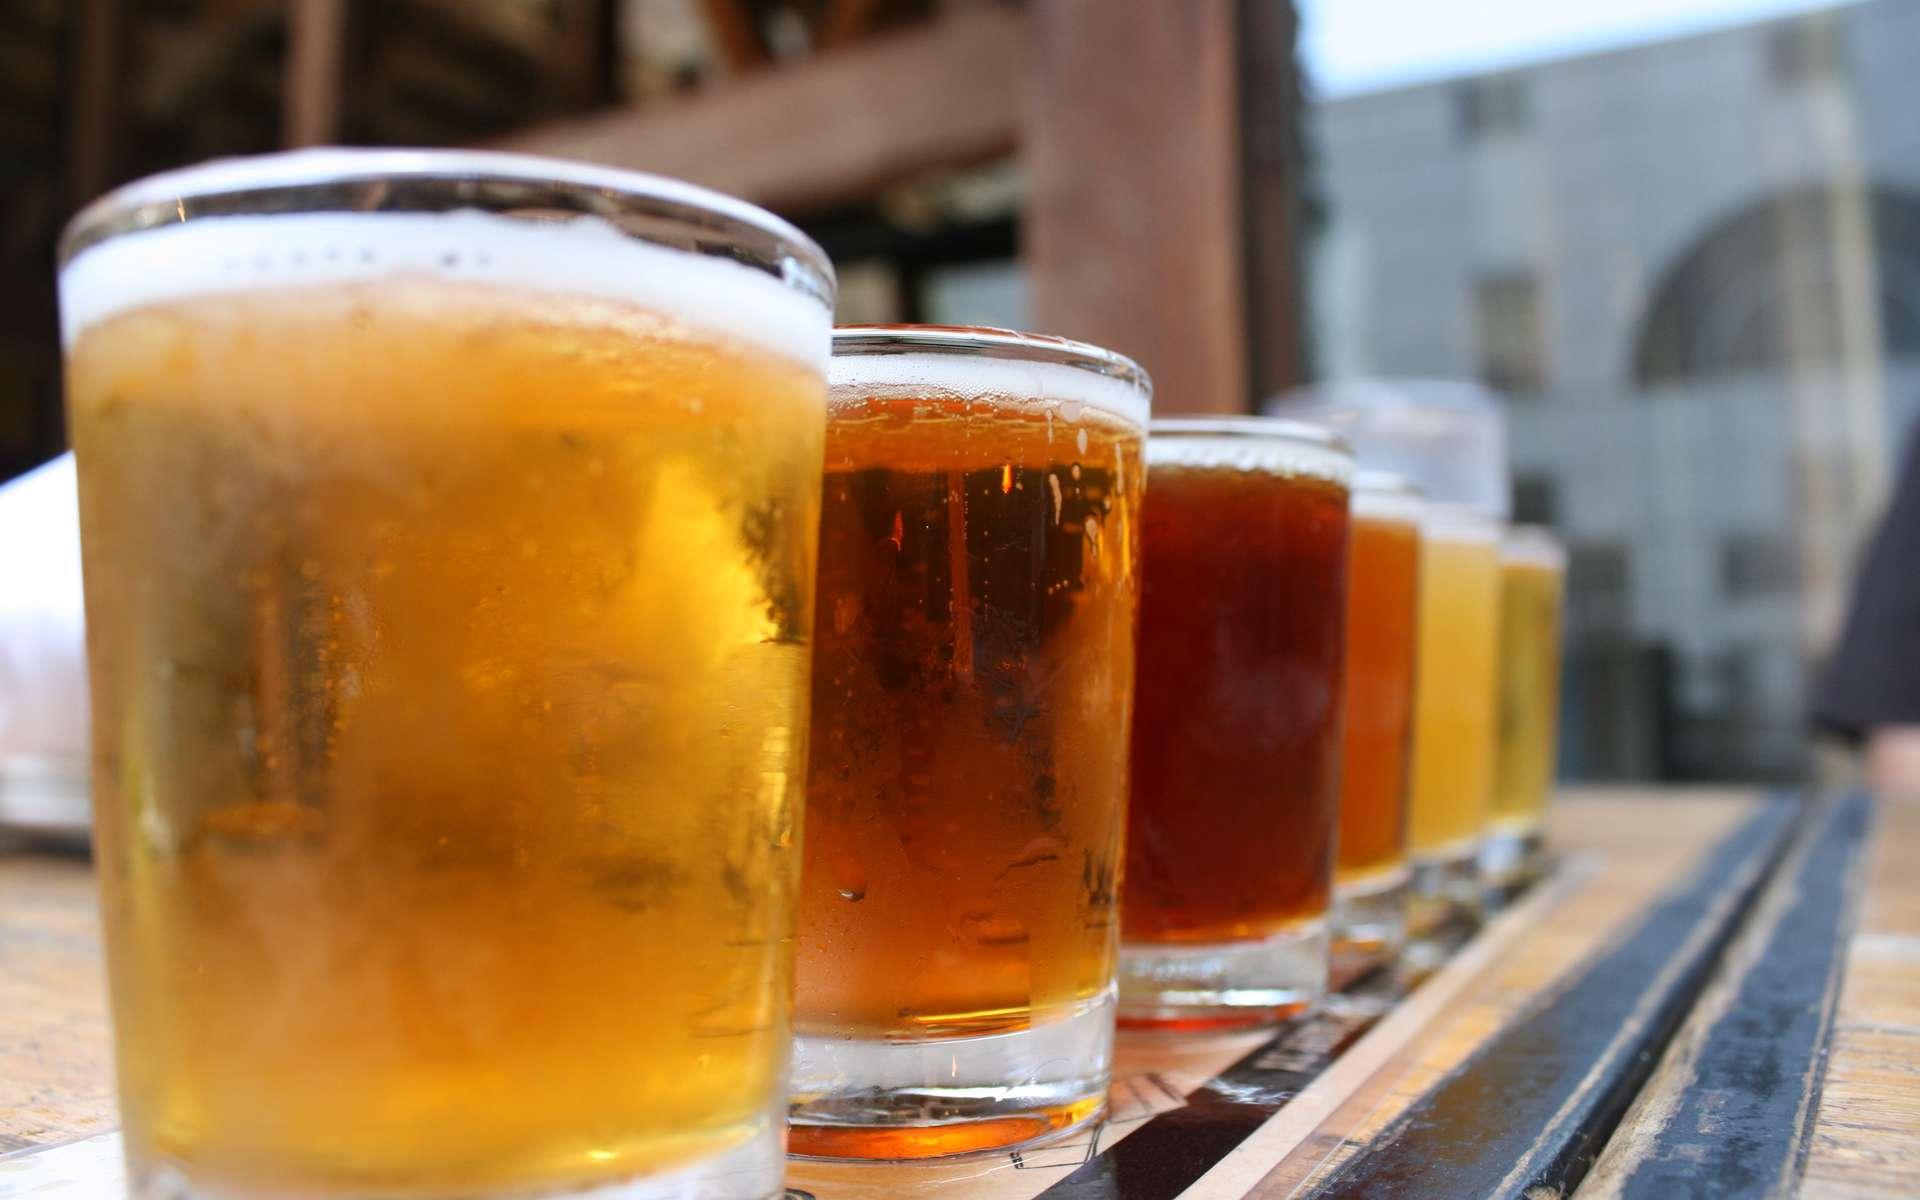 La fabrication de la bière nécessite plusieurs étapes : le maltage, le brassage, la cuisson du moût, la fermentation alcoolique et la garde. © Quinn Dombrowski, Flickr, CC by-sa 2.0